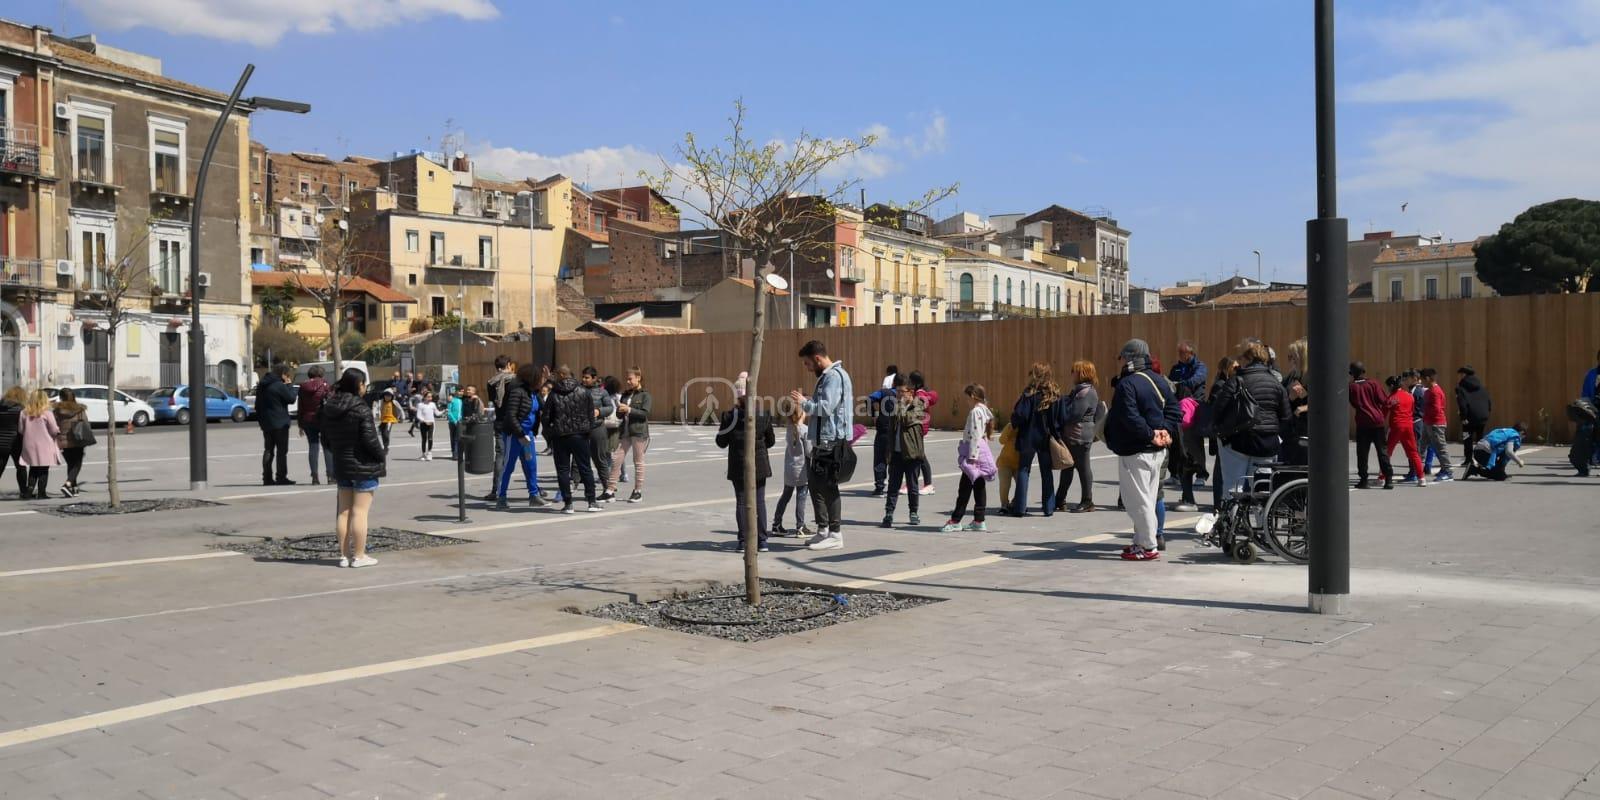 Lo slargo compreso tra via Maddem, via Luigi Castiglione e via Teocrito, nei pressi di piazza Grenoble (area vp3)